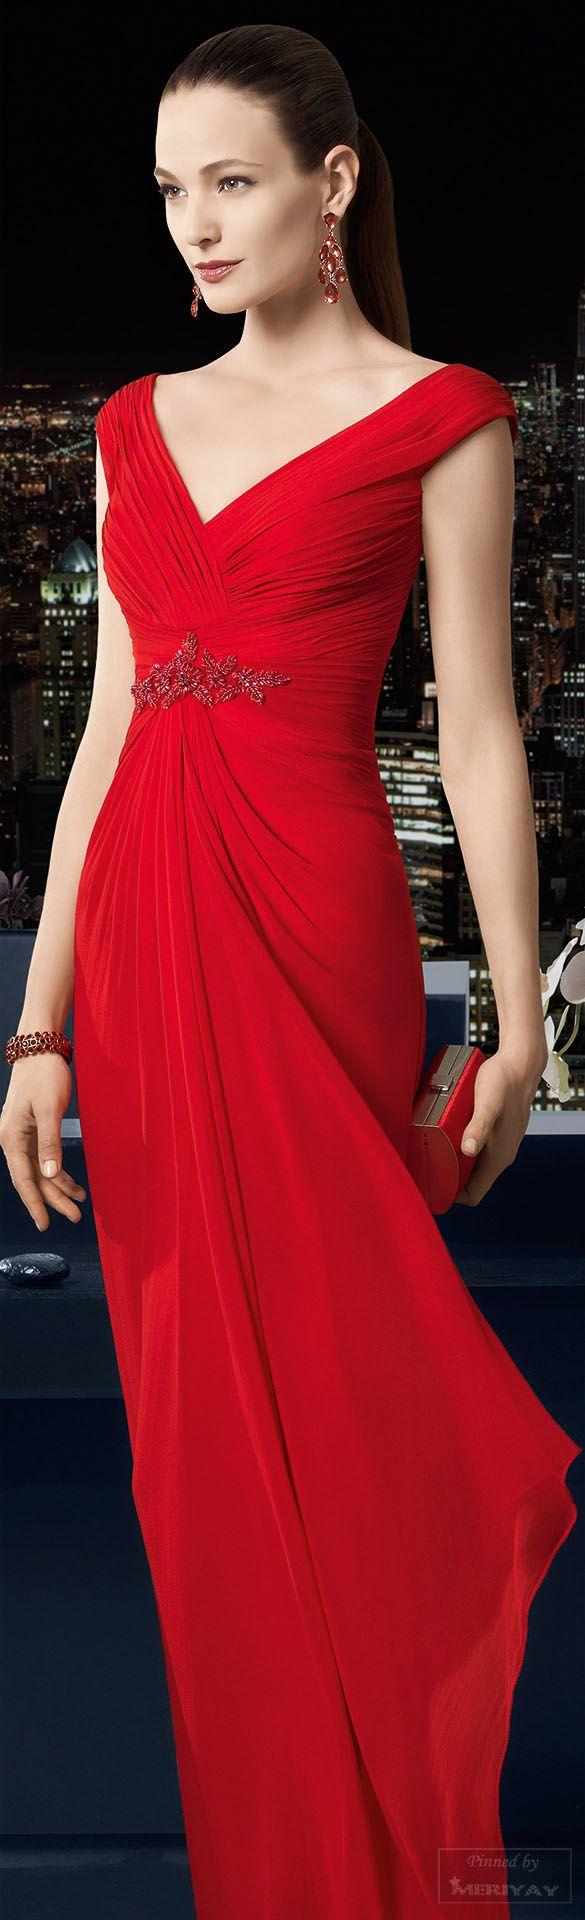 Vestidos de novia y vestidos de fiesta gowns uk prom dresses and